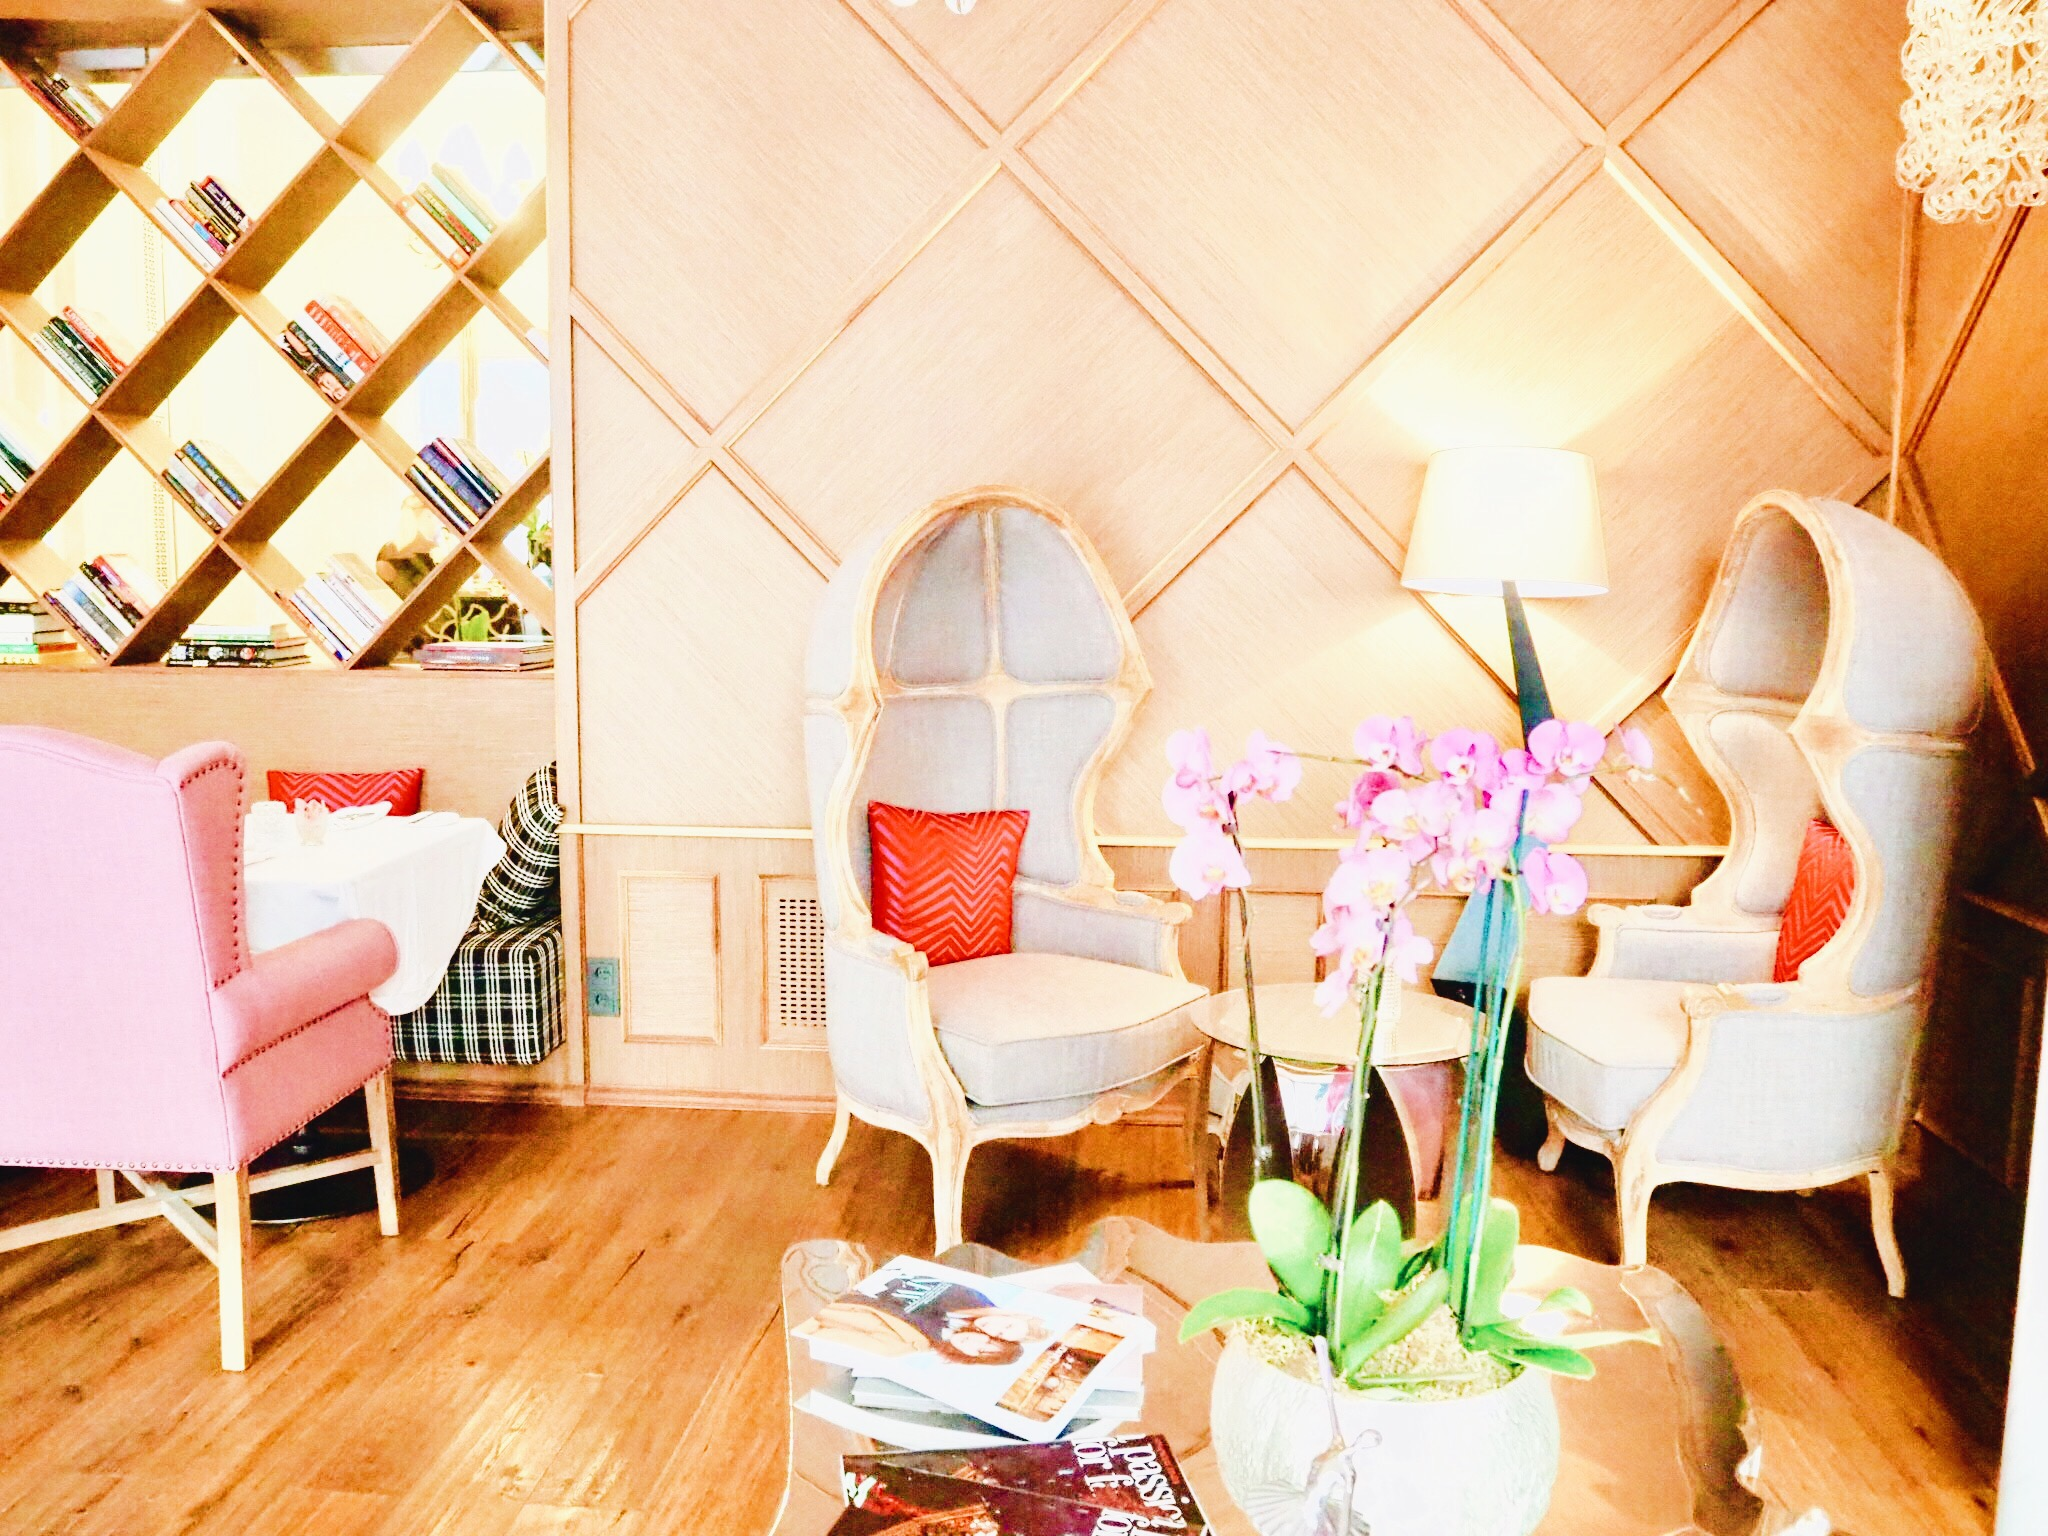 ccc51cc2 89b9 4fc8 b960 cbf491f5f8a1 1 - Aria Hotel Budapest - 音楽に囲まれて過ごすブダペストのラグジュアリーブティックホテルの魅力